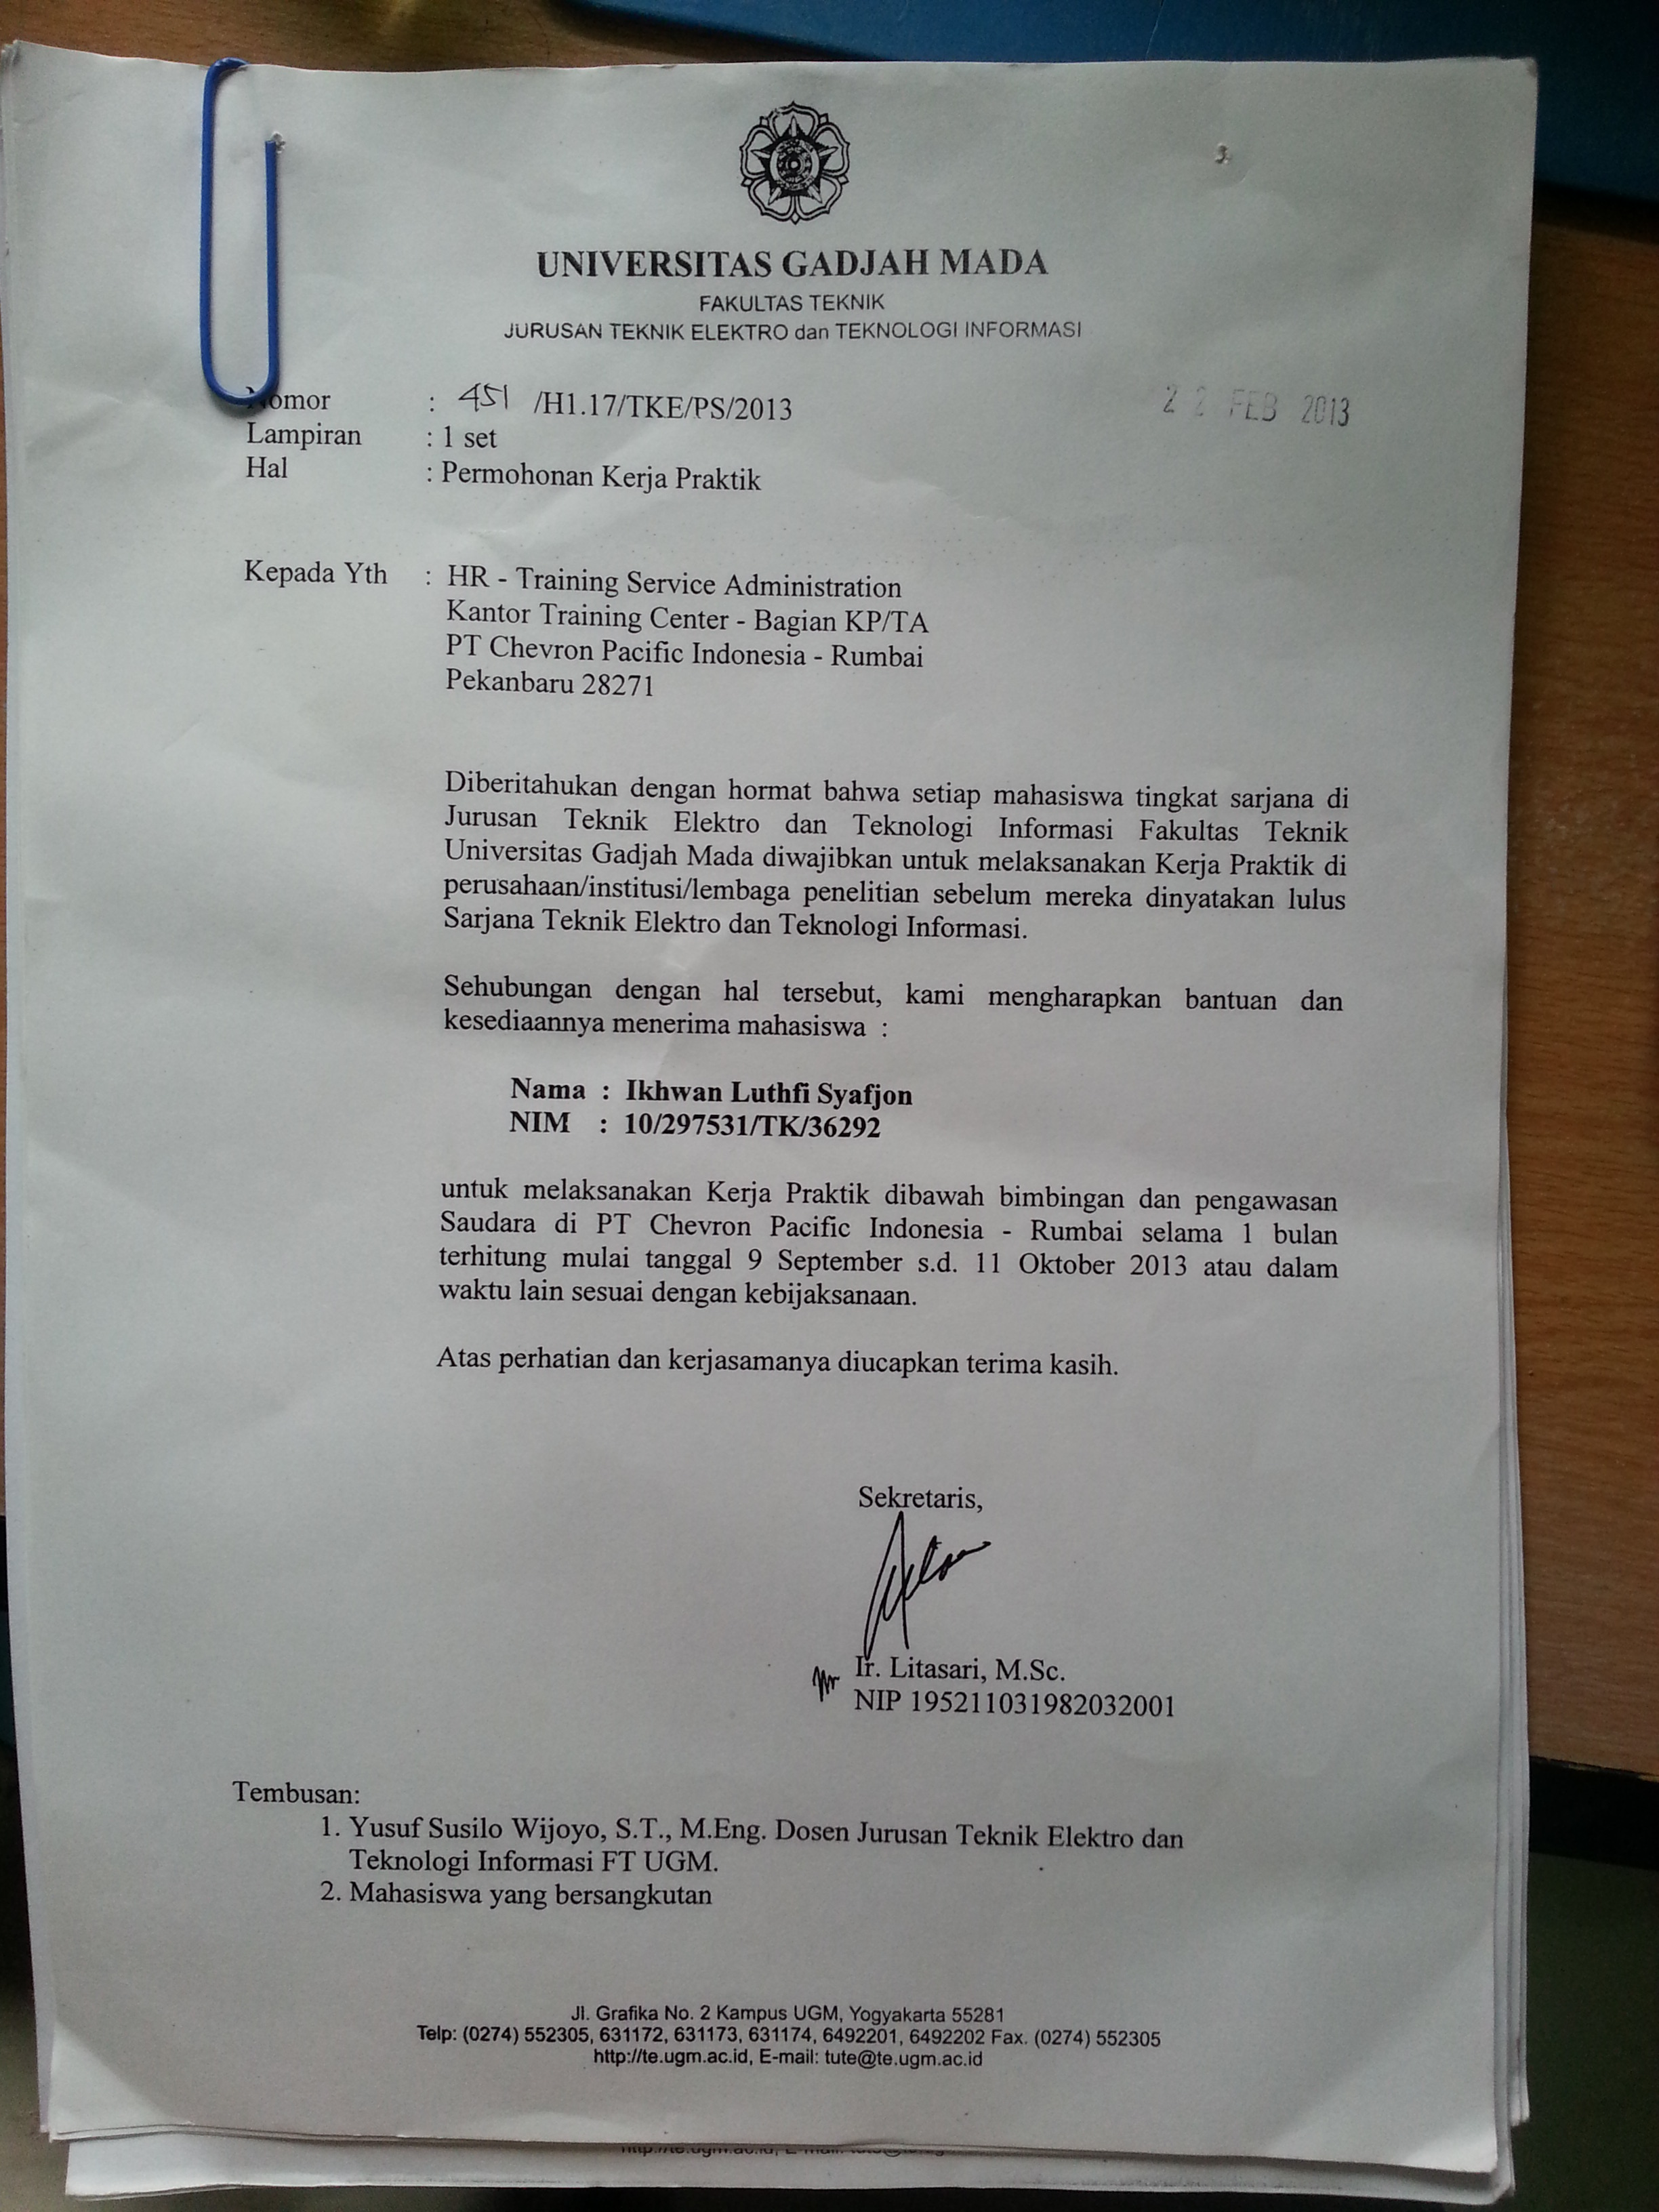 Kerja Praktik Di Pt Chevron Pacific Indonesia Yg Warna Biru Bisa